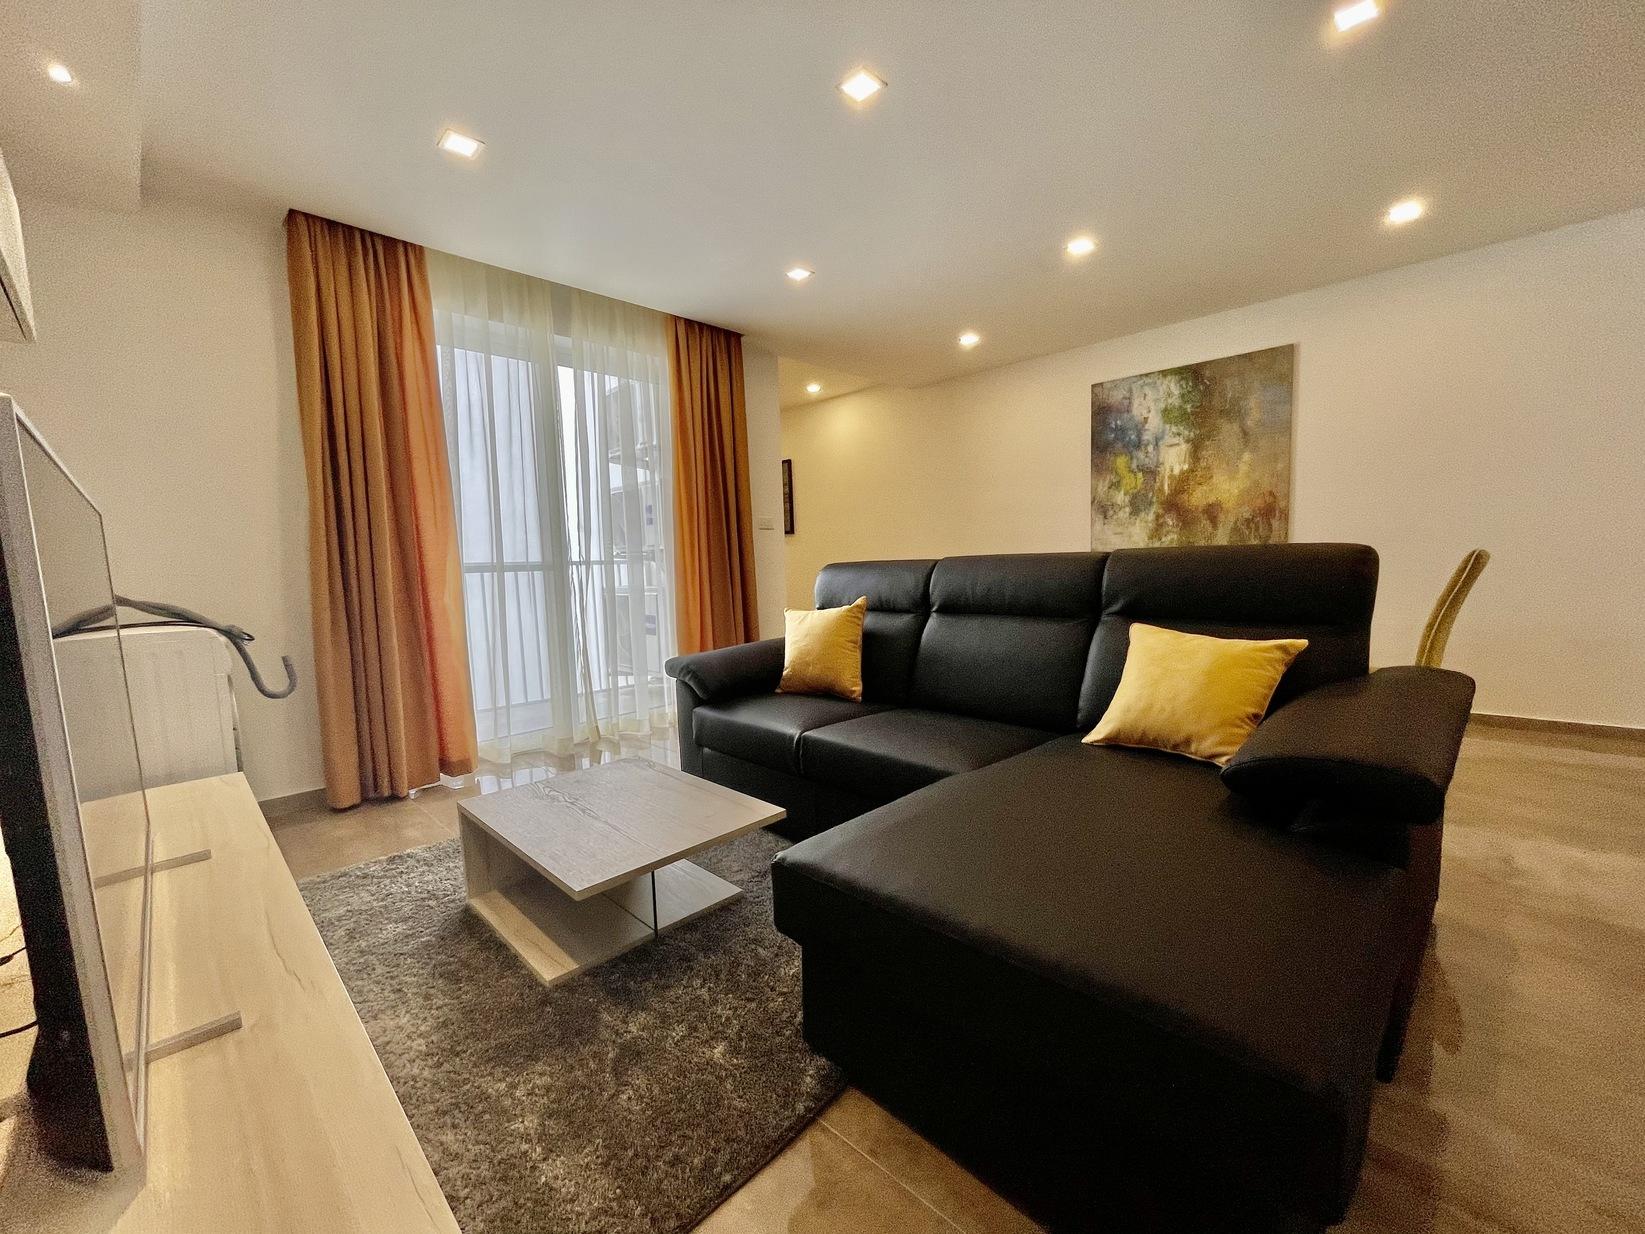 3 bed Apartment For Sale in Pieta, Pieta - thumb 4